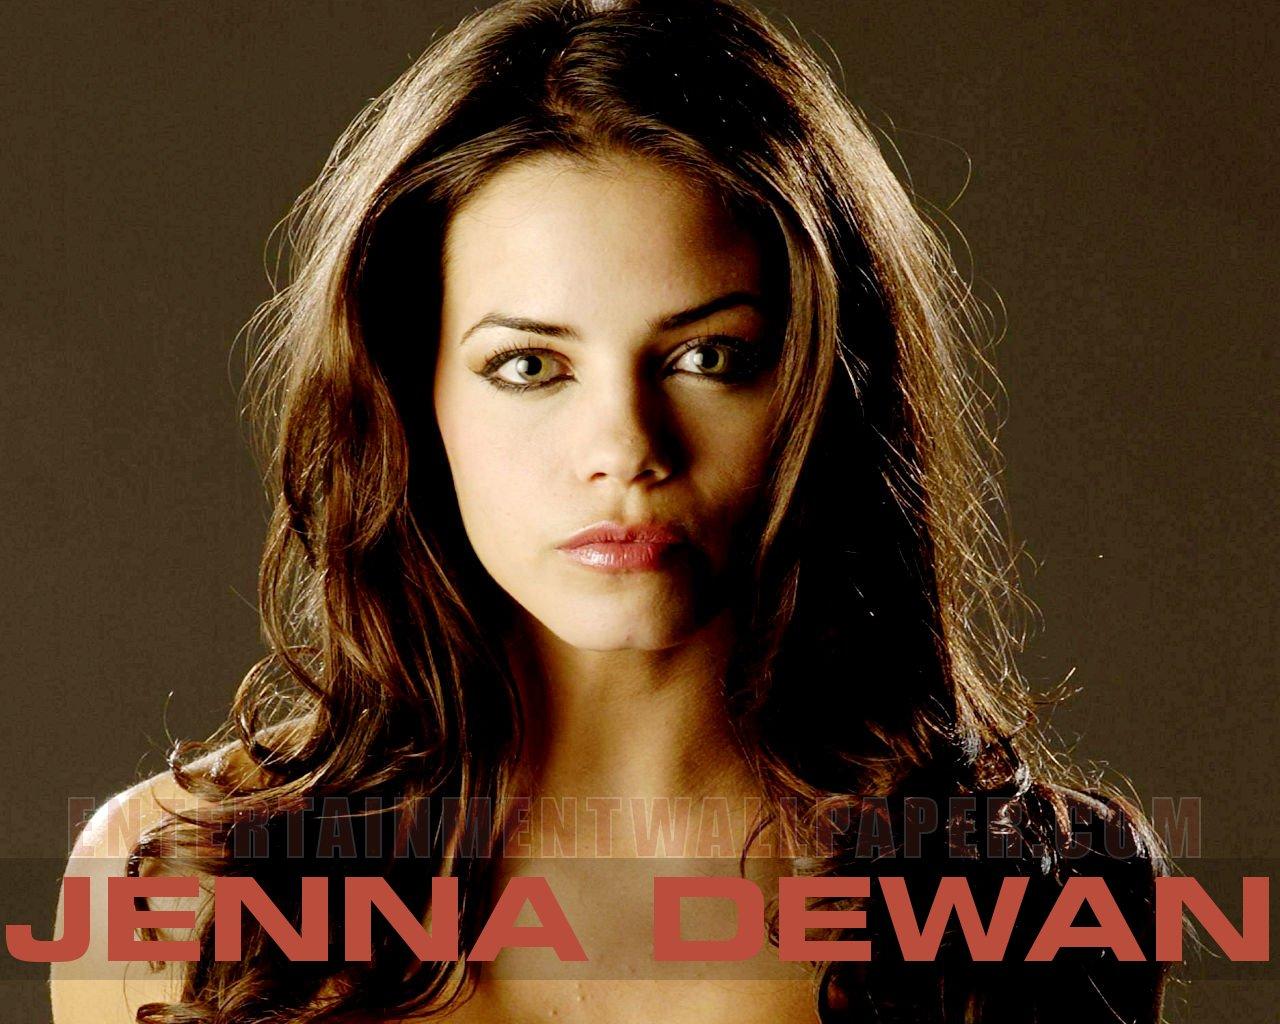 http://3.bp.blogspot.com/-W7k3eIKdRD0/Tv6vj1izpRI/AAAAAAAAMPc/TolnFmuMpps/s1600/Foto-Foto-Jenna-Dewan-31.jpg